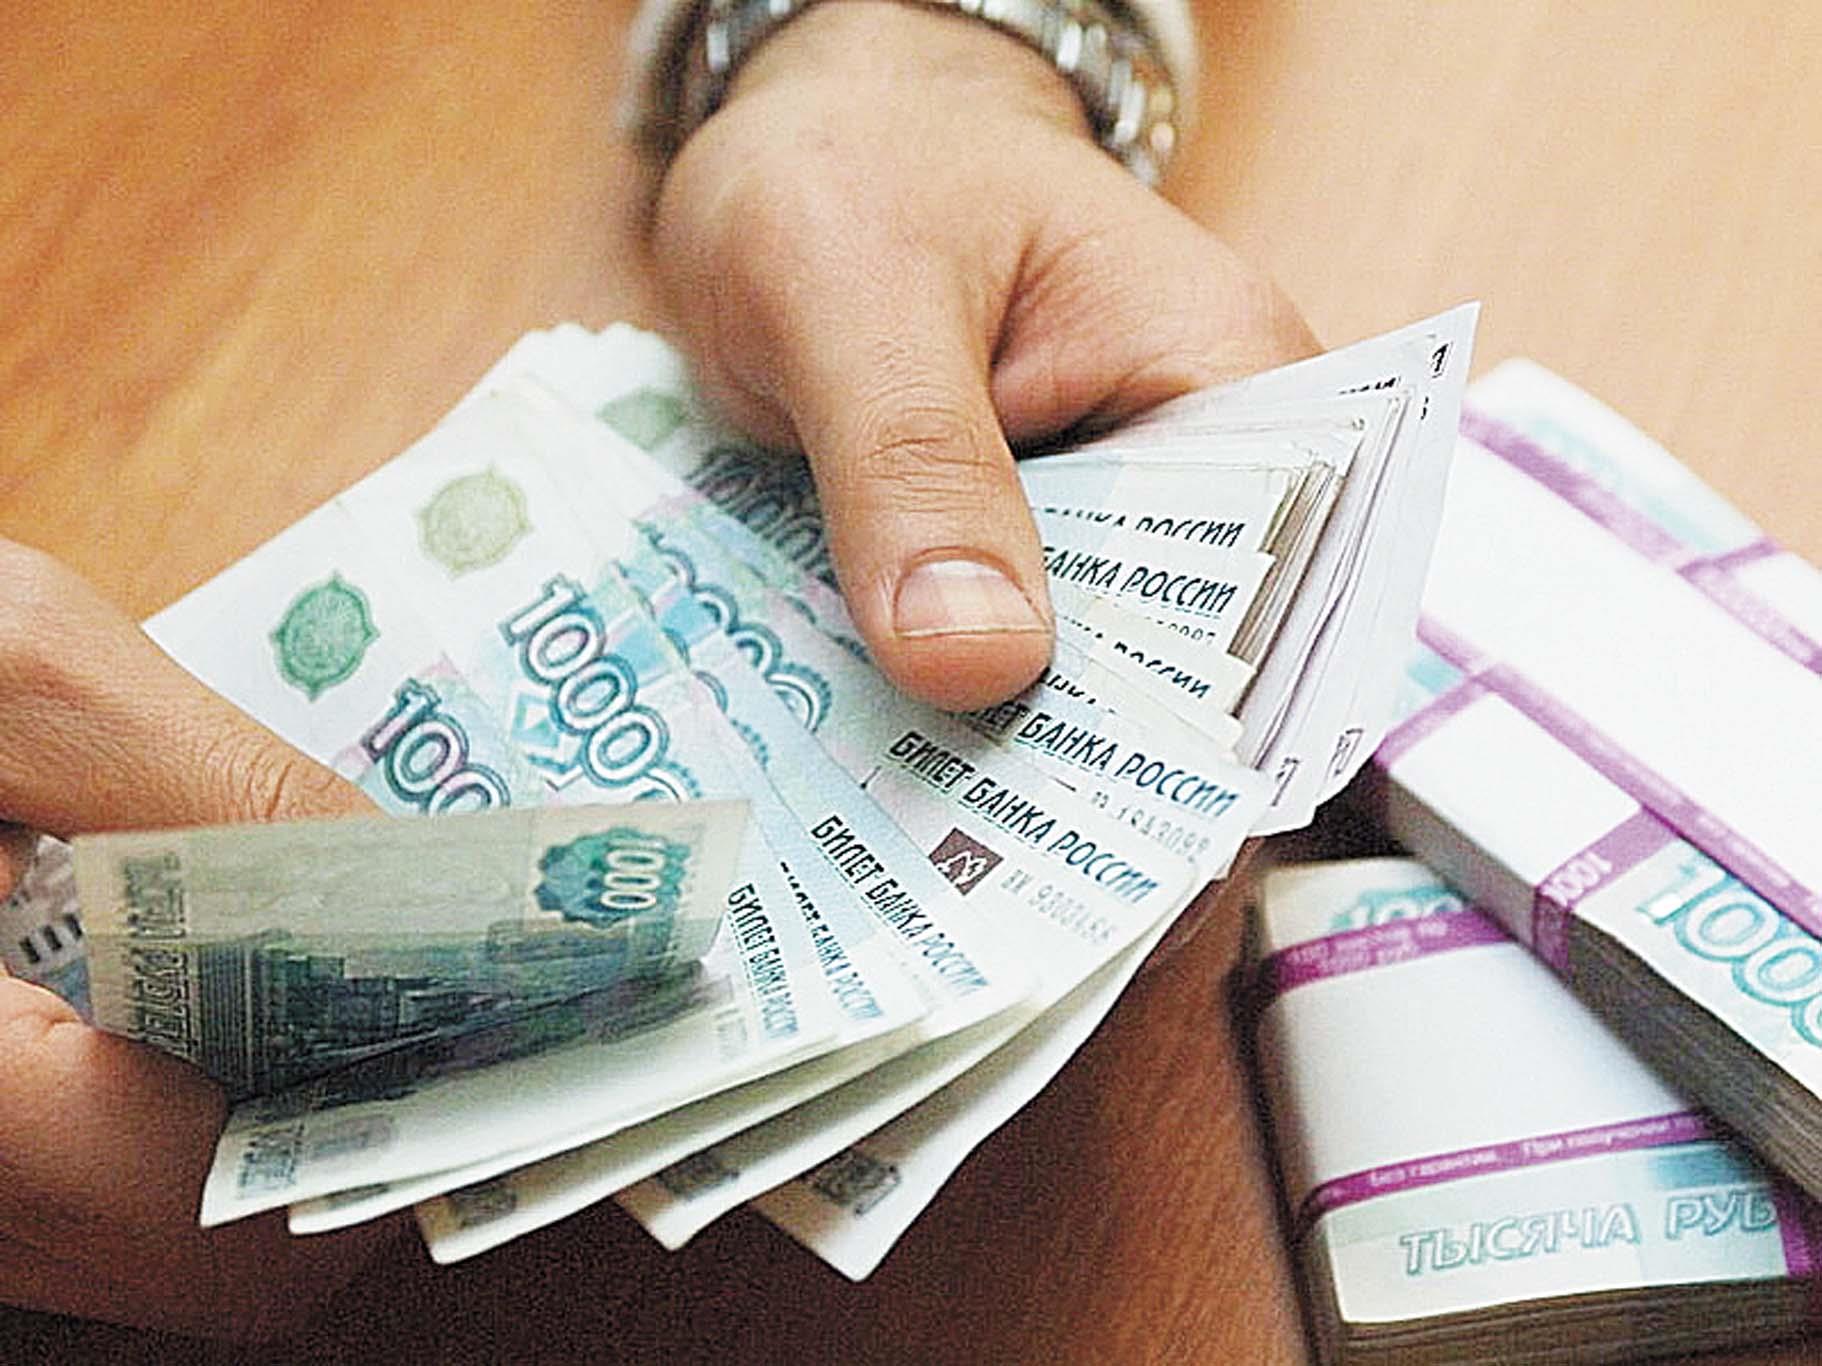 Быстрое оформление и получение кредита в Новосибирске. Вс просто